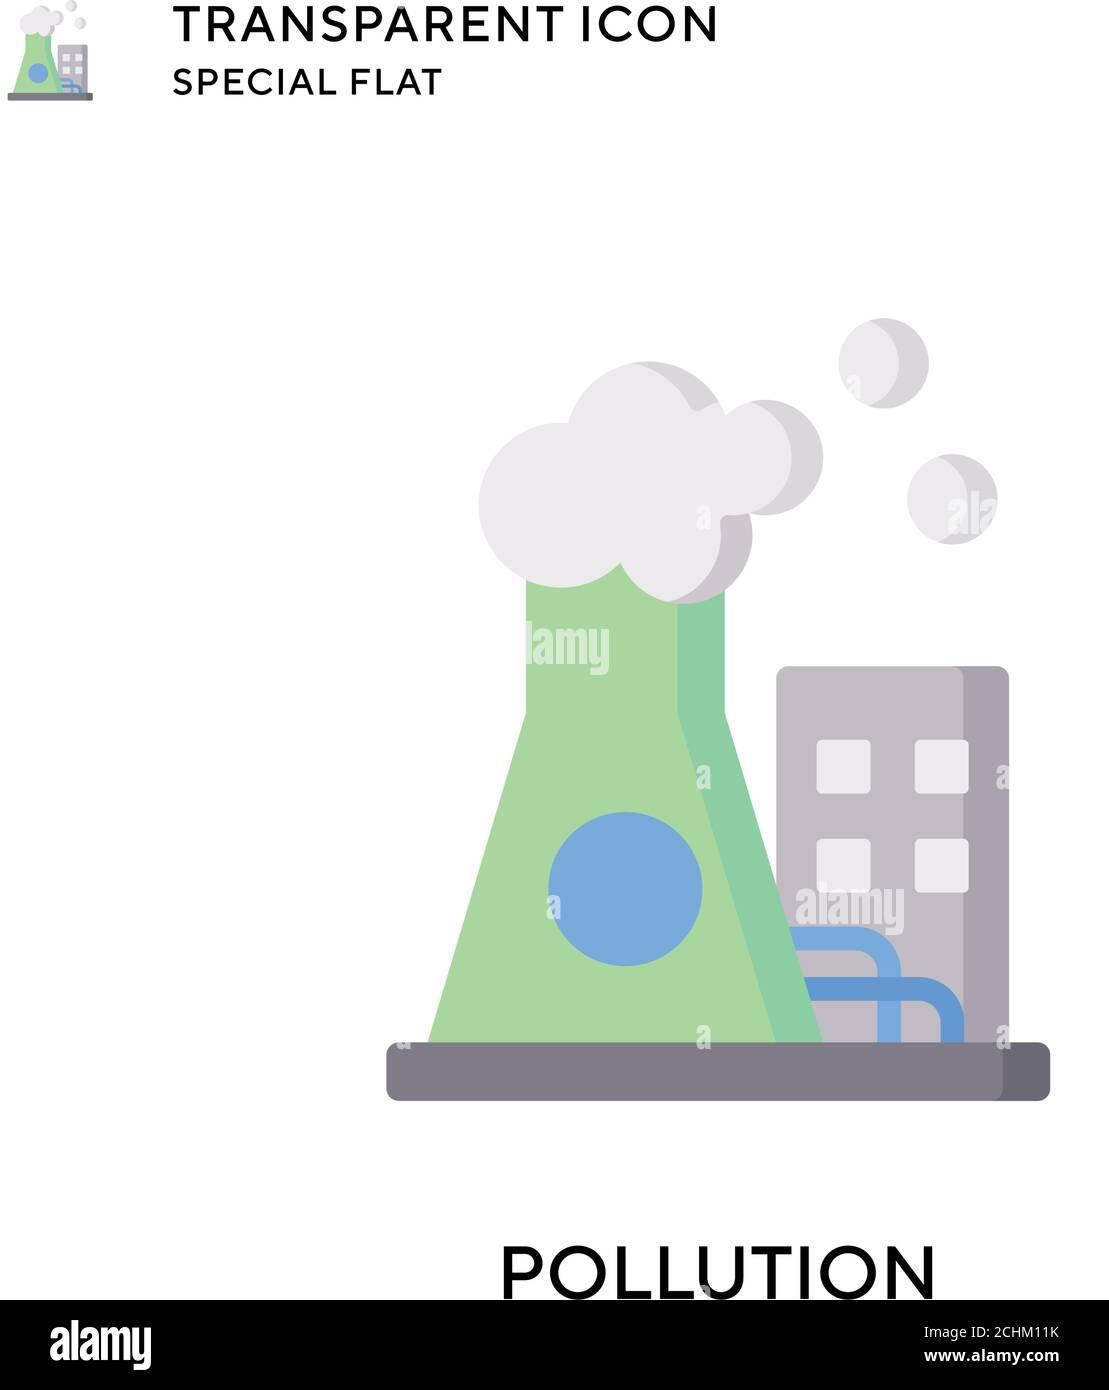 Icono de vector de contaminación. Ilustración de estilo plano. EPS 10 vector. Ilustración del Vector